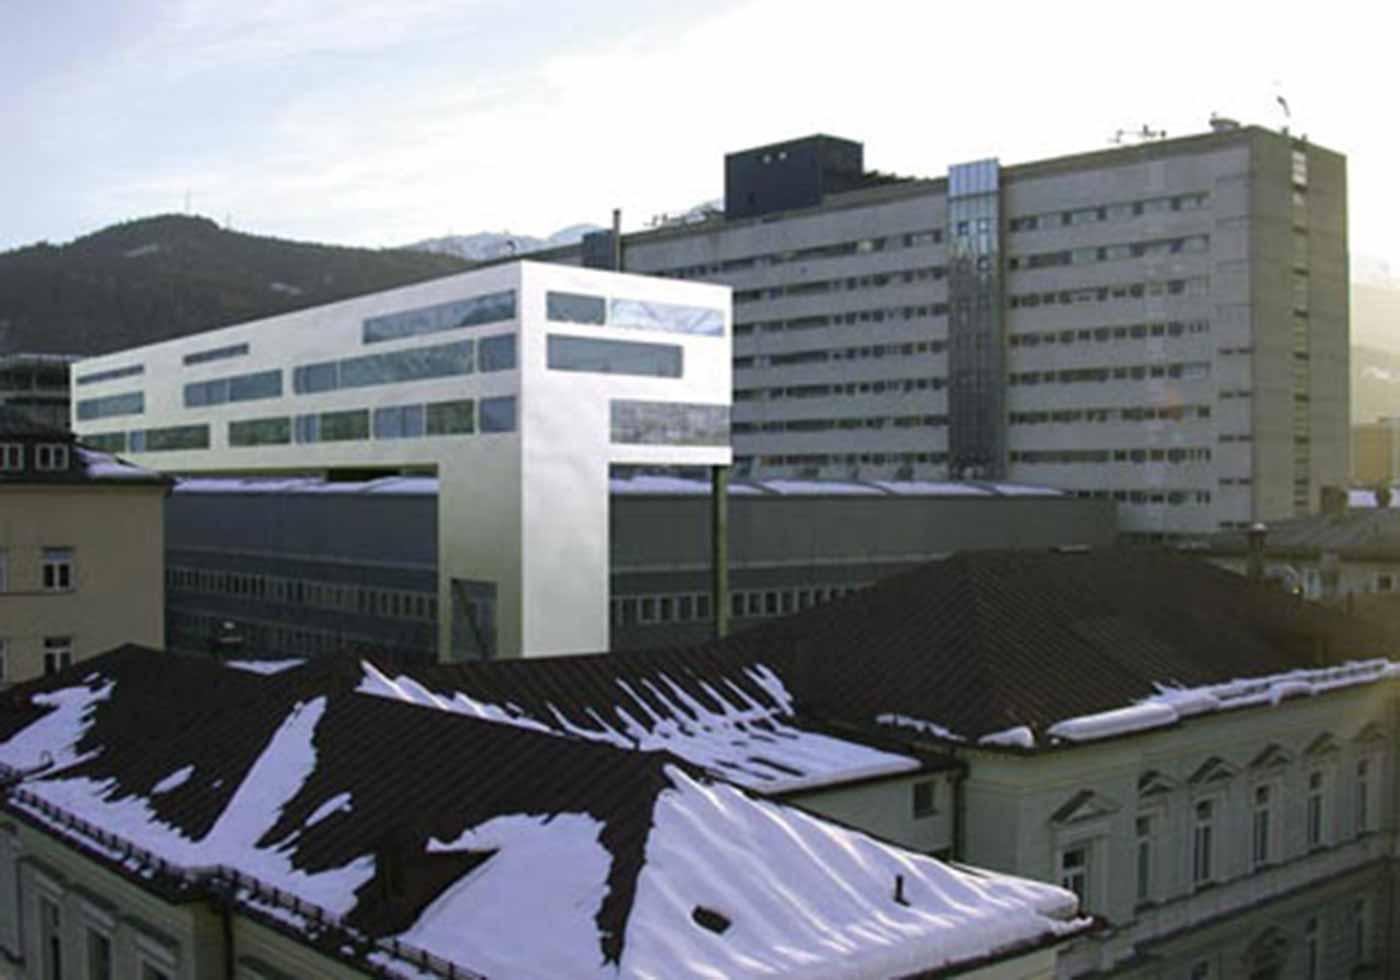 Überbauung Chirurgie, Univ. Klinik, Innsbruck, AT